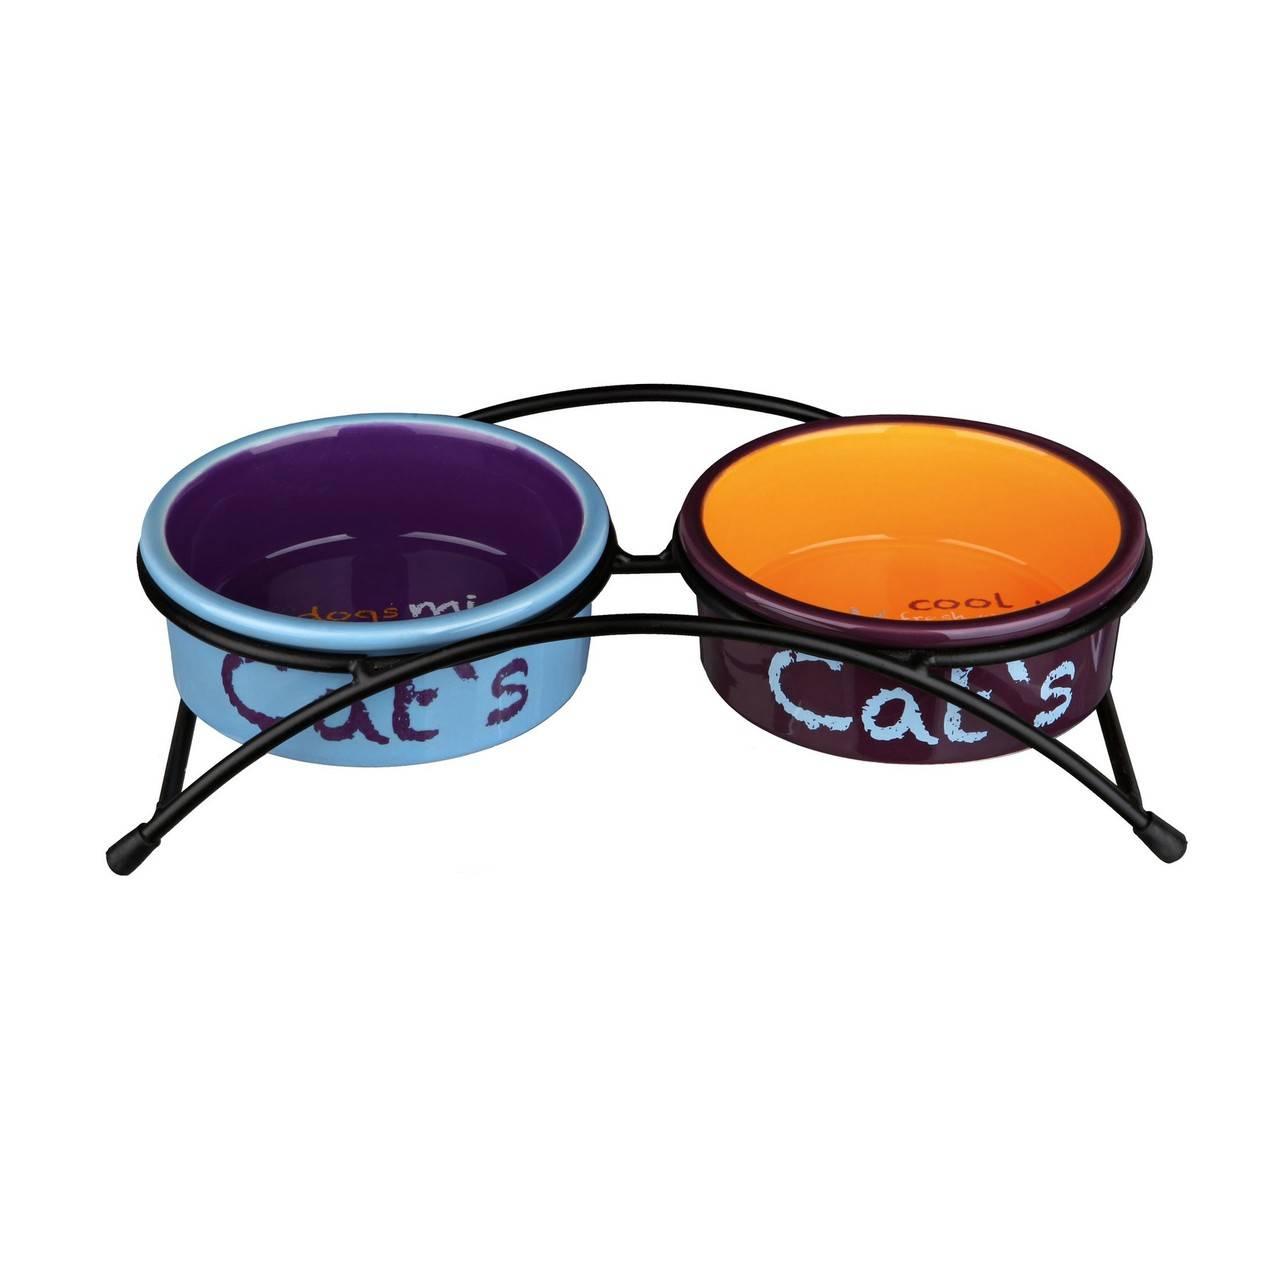 Trixie Eat on Feet – керамічні миски для котів на підставці